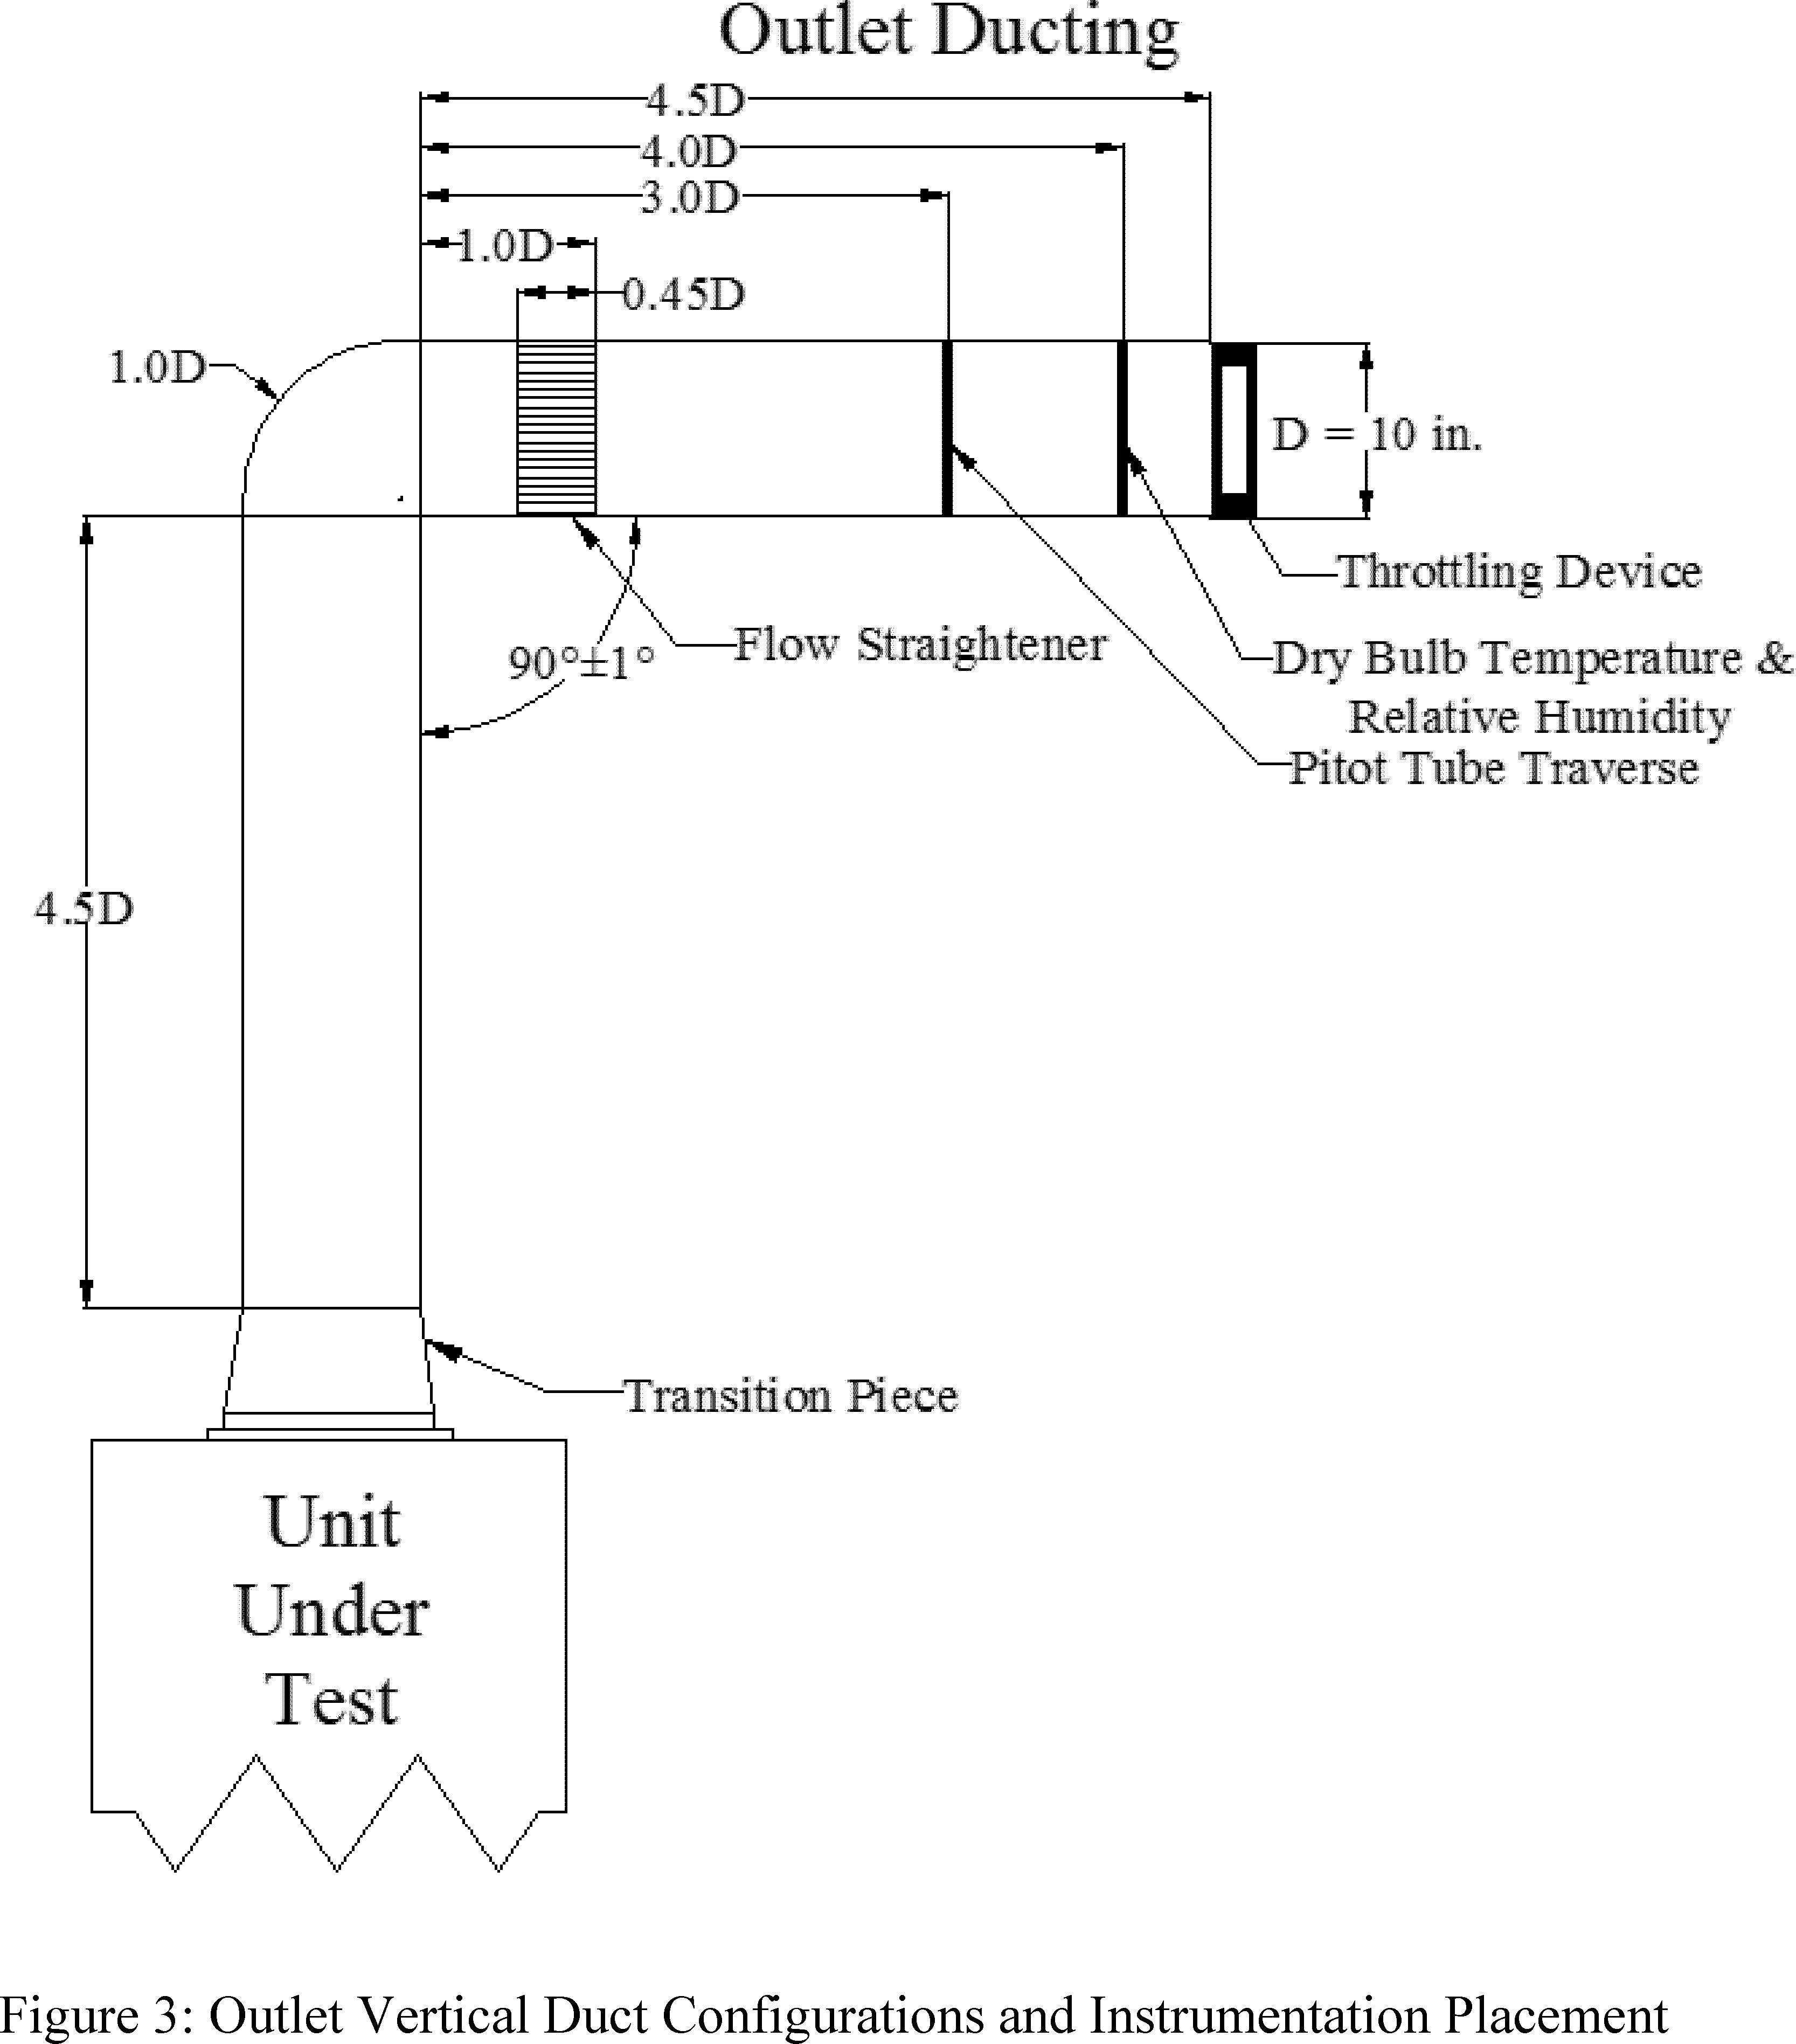 Simple Motorcycle Wiring Diagram Simple Y Plan Wiring Diagram Fresh Wiring Diagram Cbr 954 Archives Of Simple Motorcycle Wiring Diagram